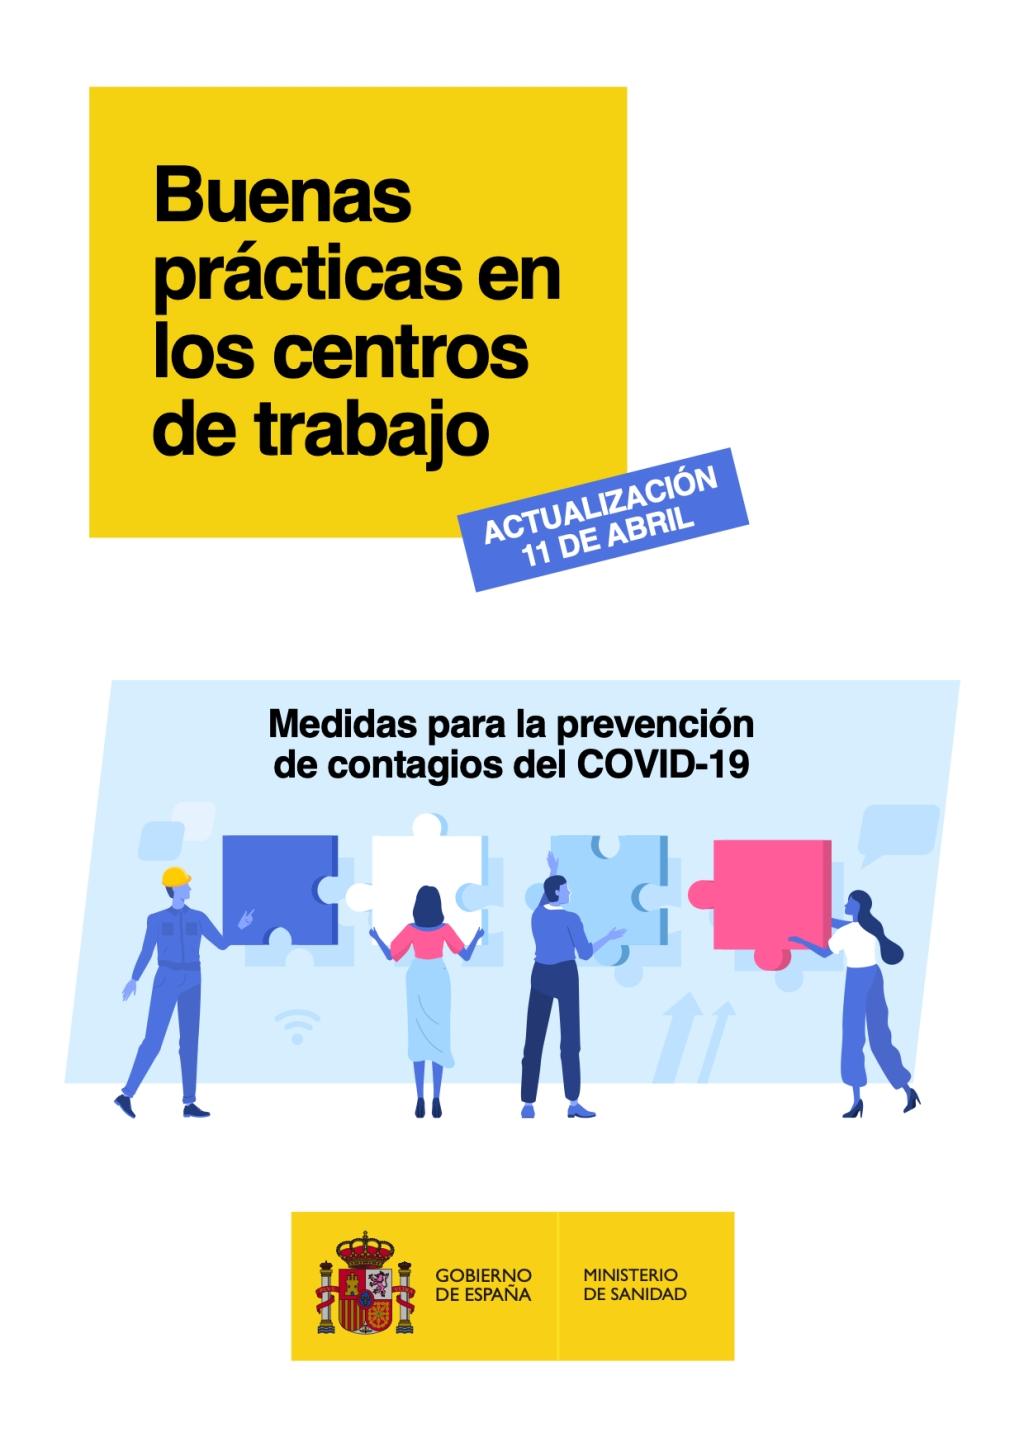 Buenas prácticas en los centros de trabajo COVID-19.